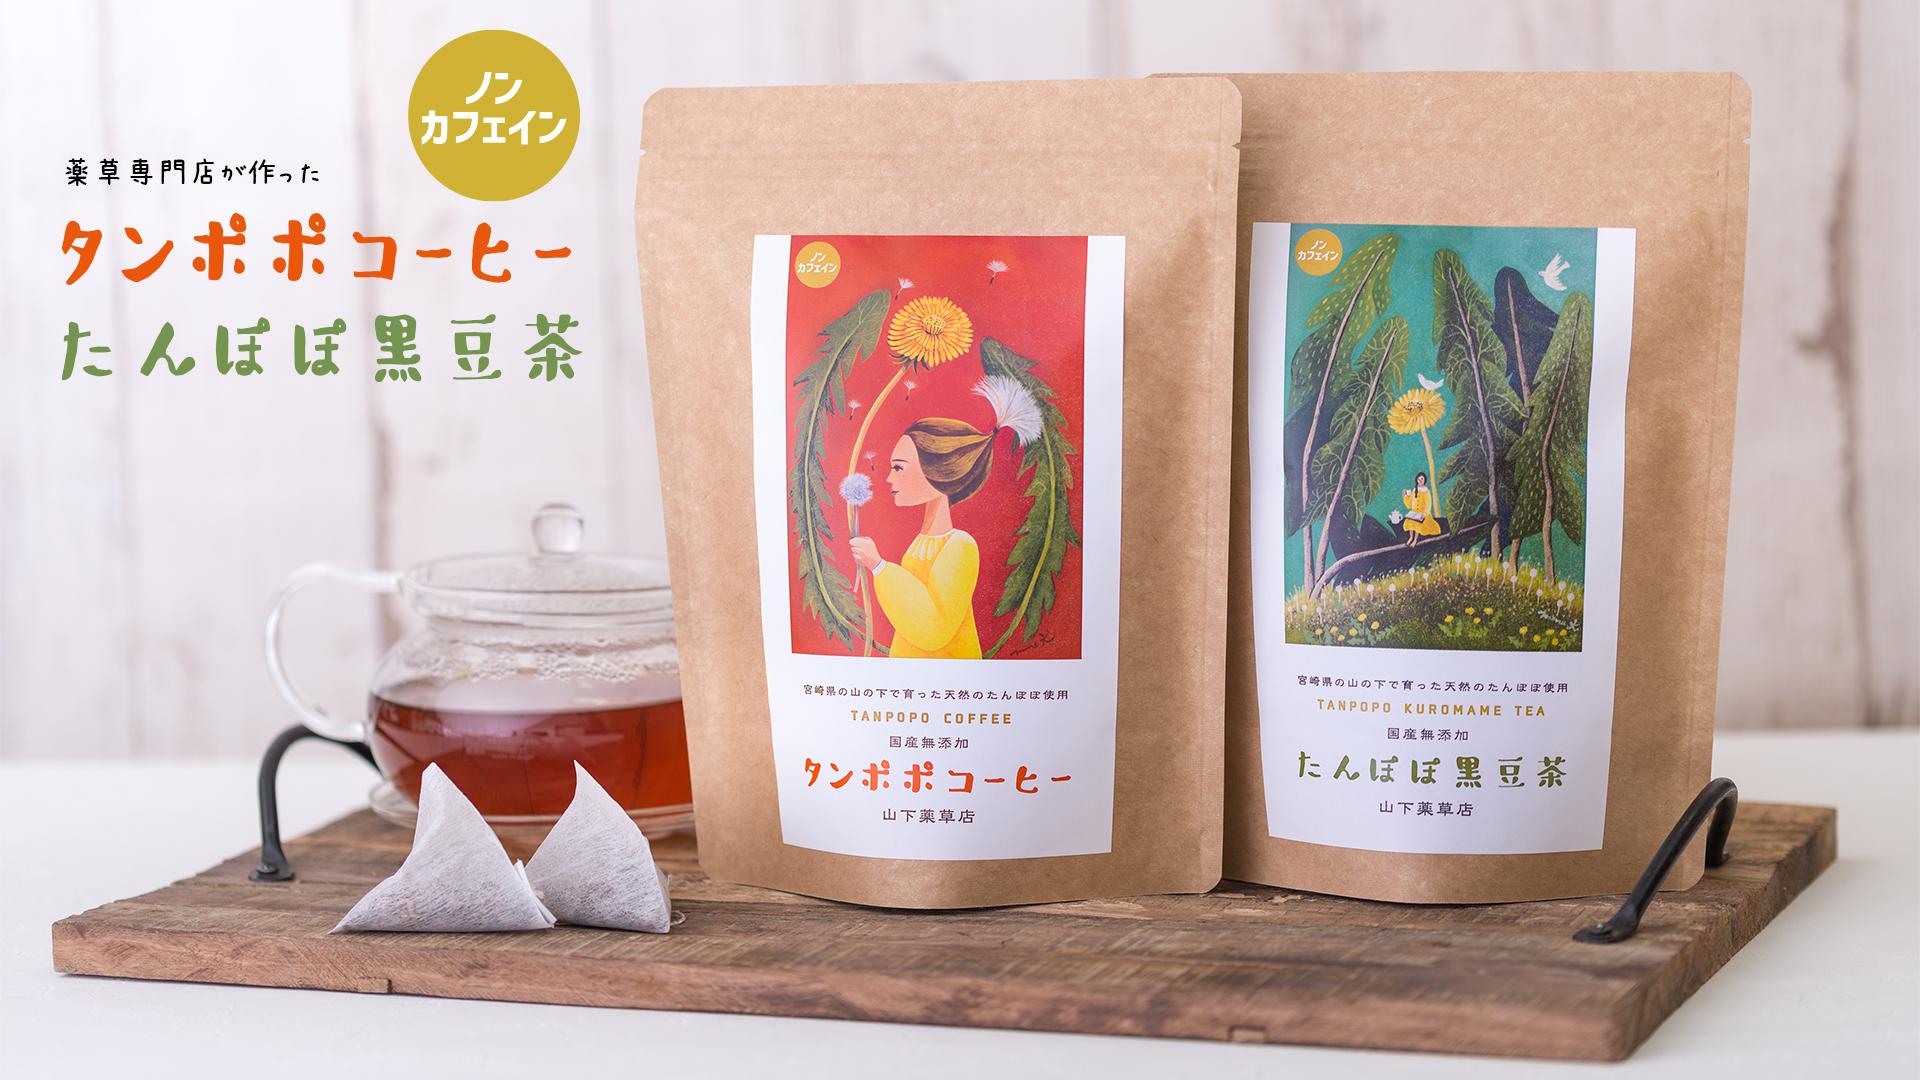 山下薬草店のタンポポコーヒー・たんぽぽ黒豆茶